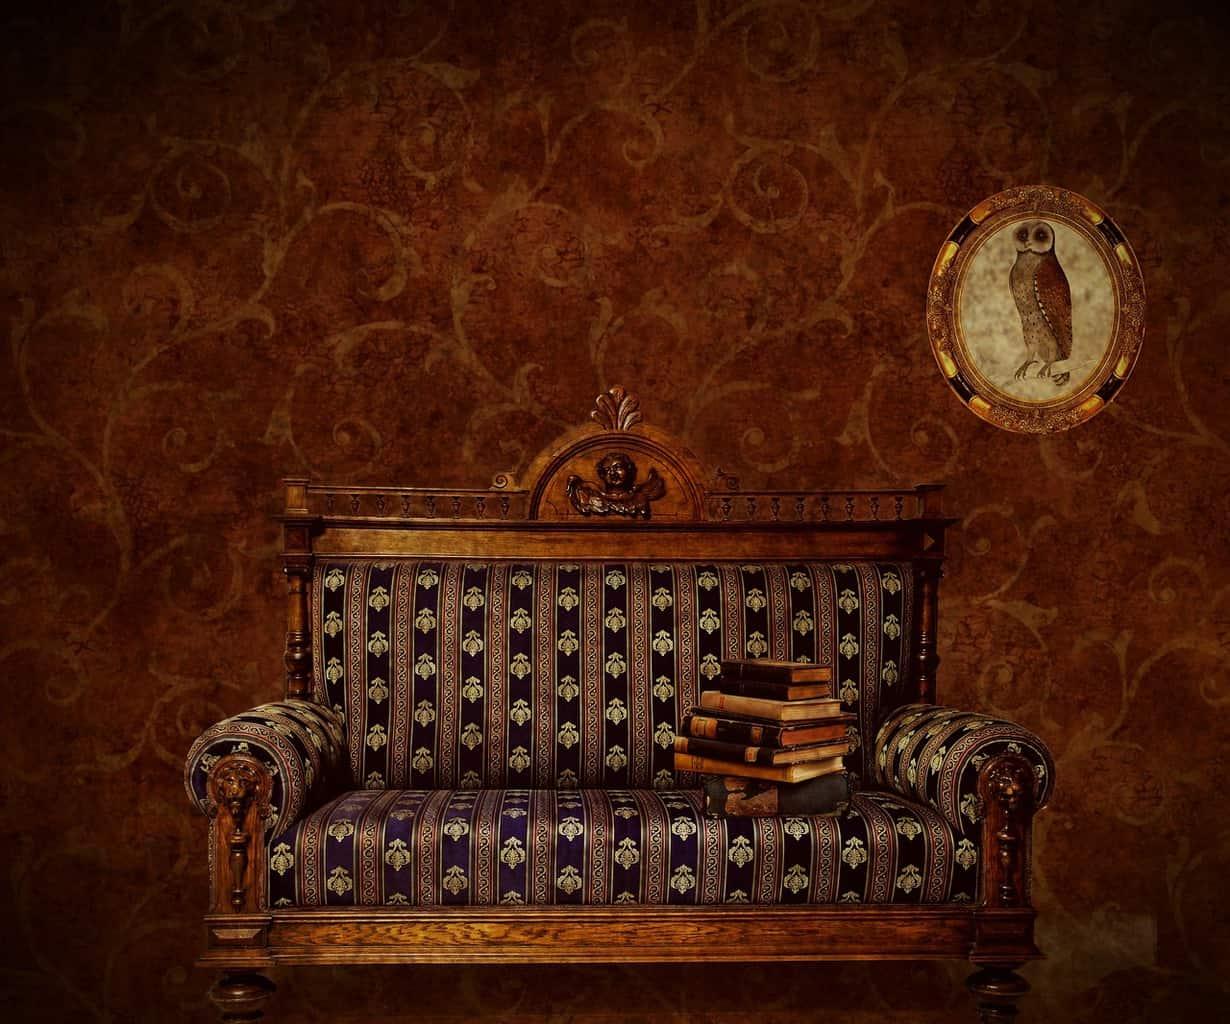 Instala un libro en tu casa - ▷ Instala un libro en tu casa 📖